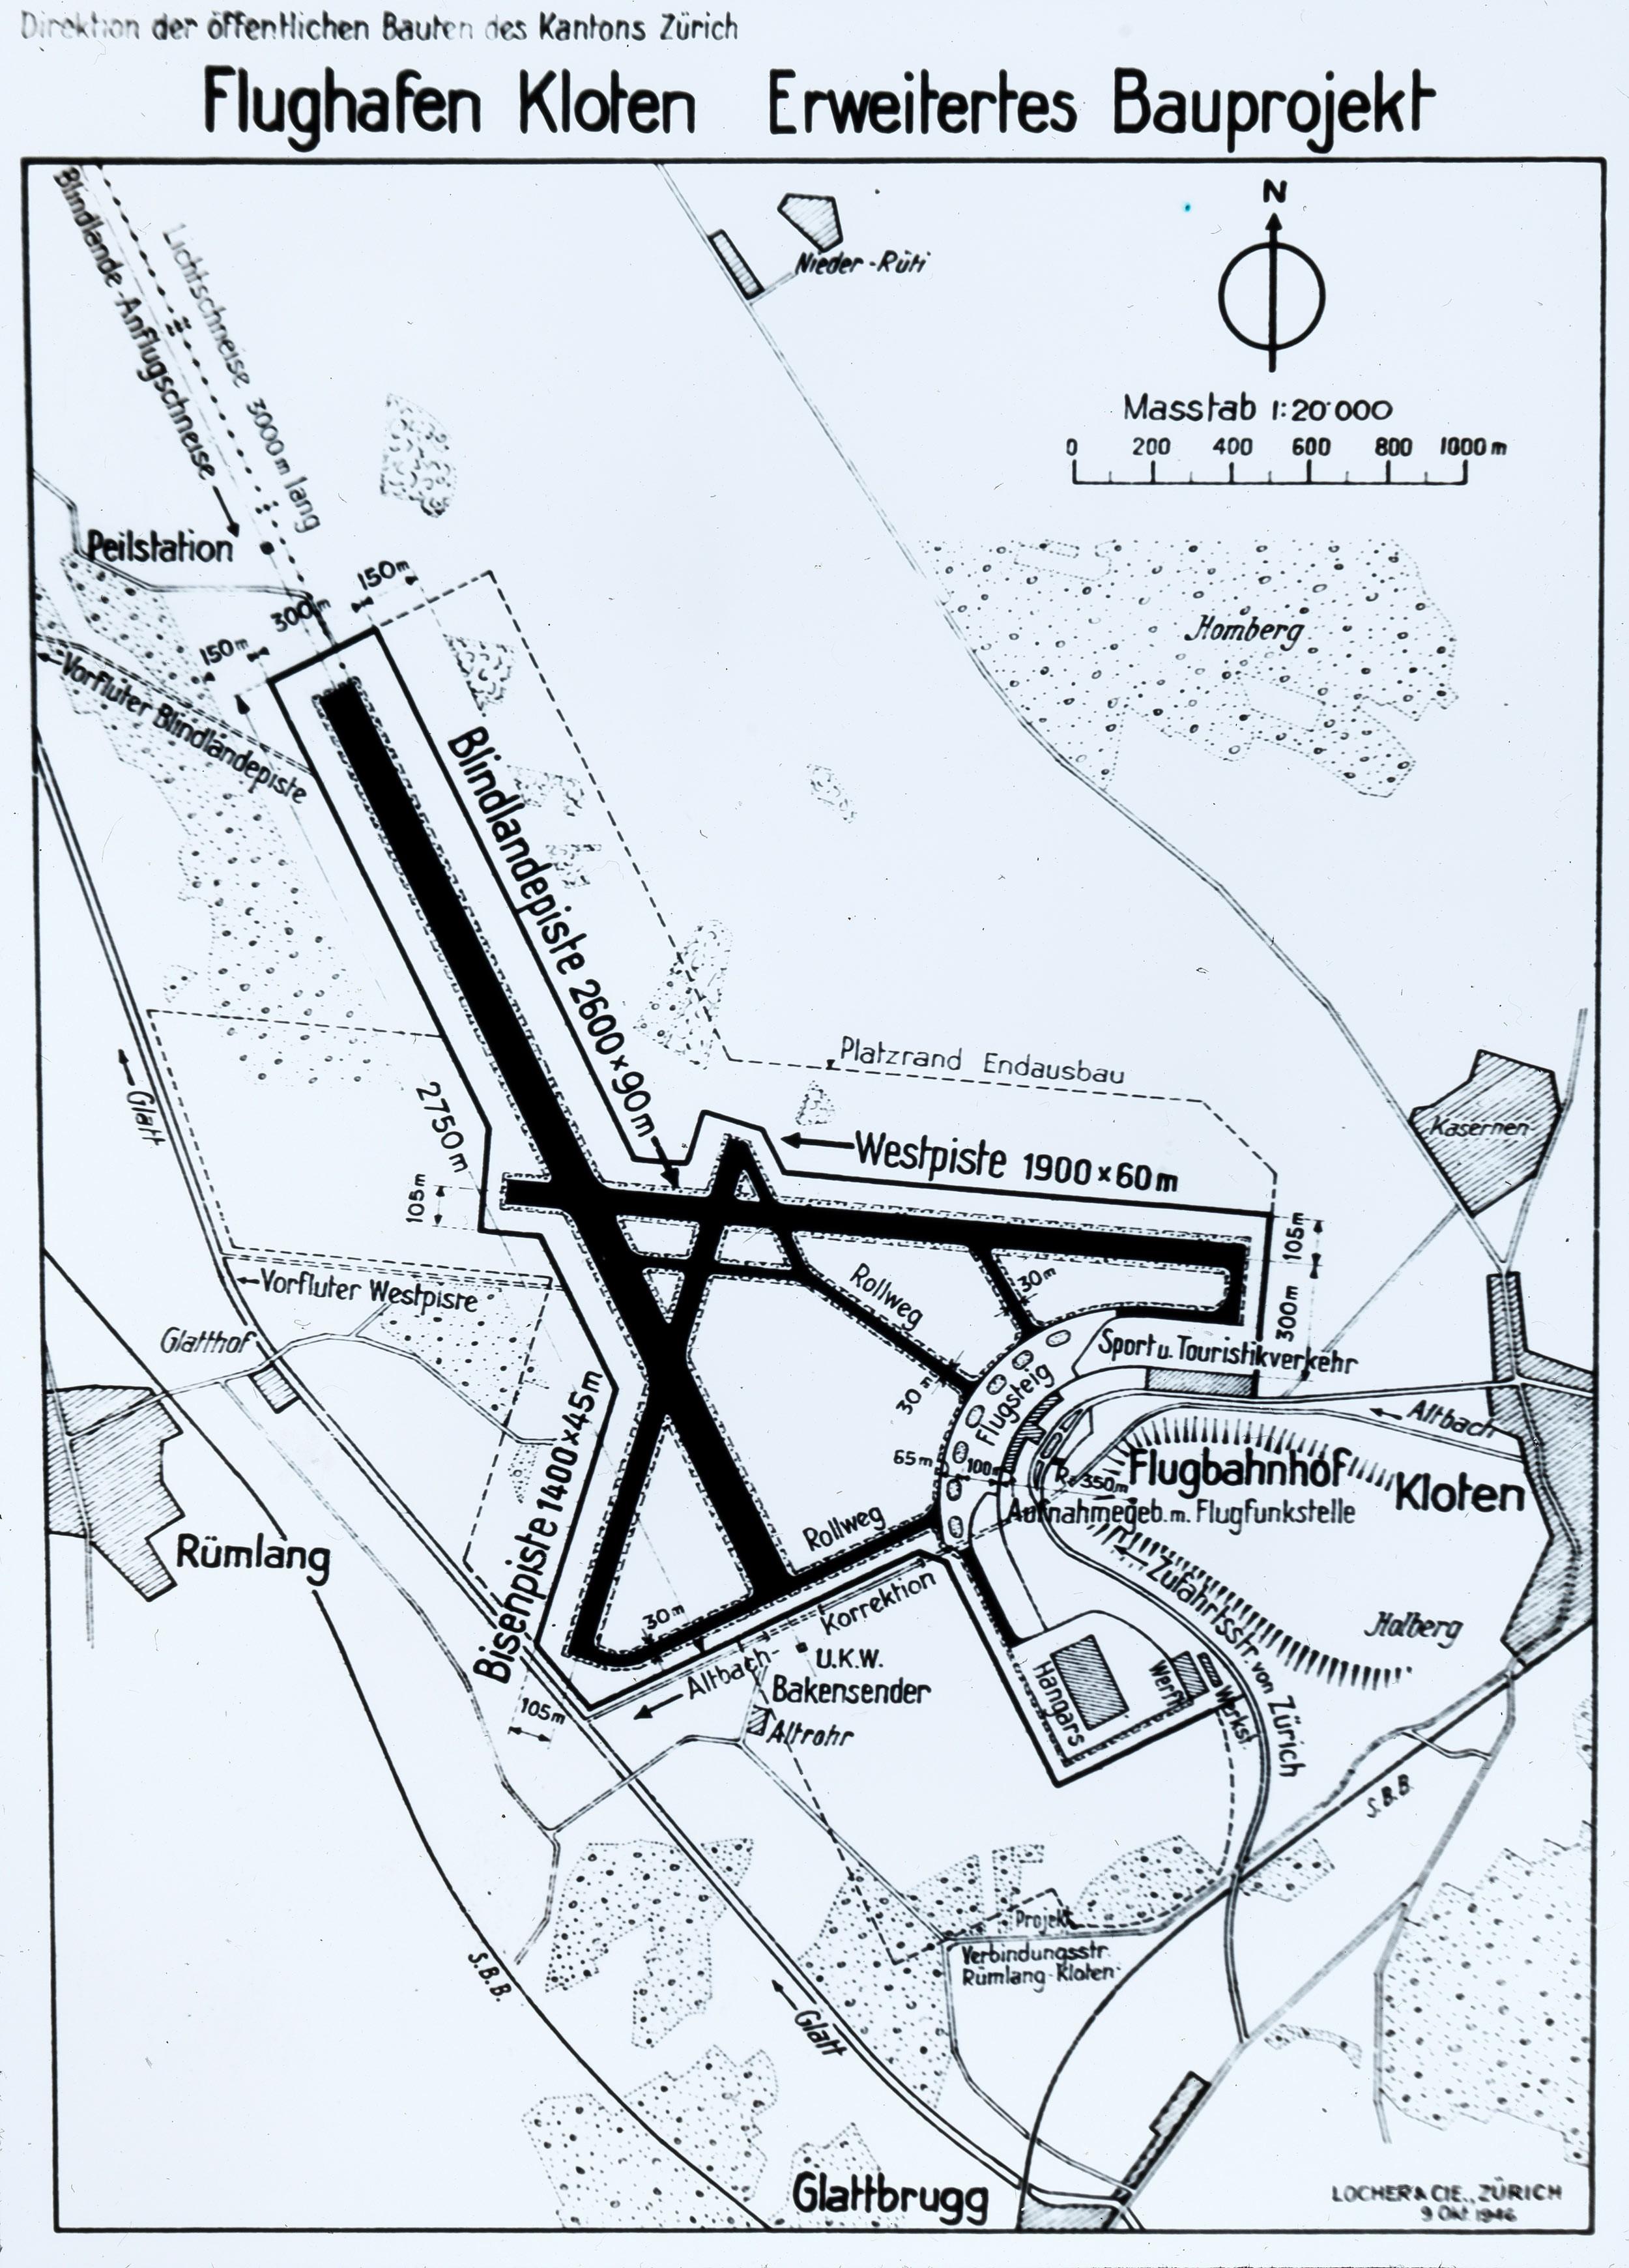 Plan für den Flughafen Zürich-Kloten